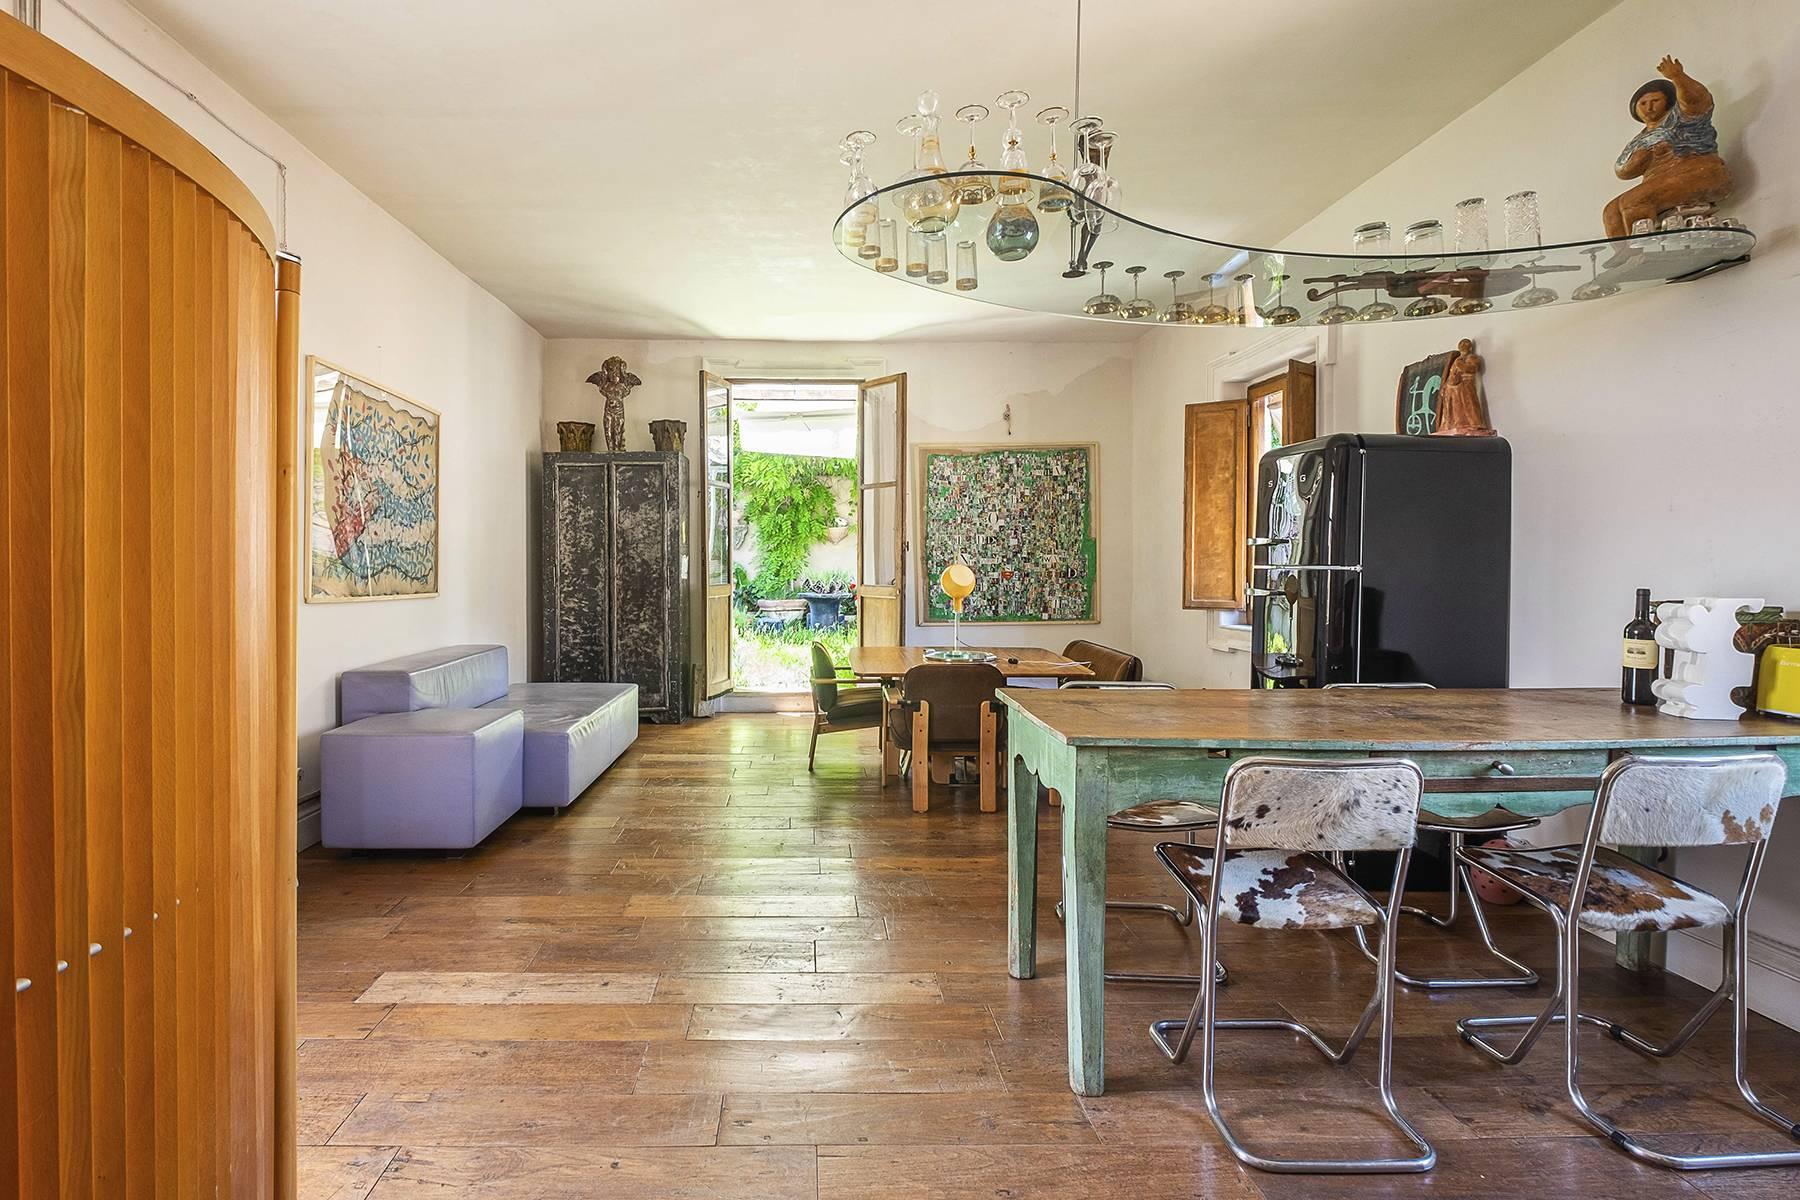 Splendido attico ristrutturato con giardini pensili panoramici - 14